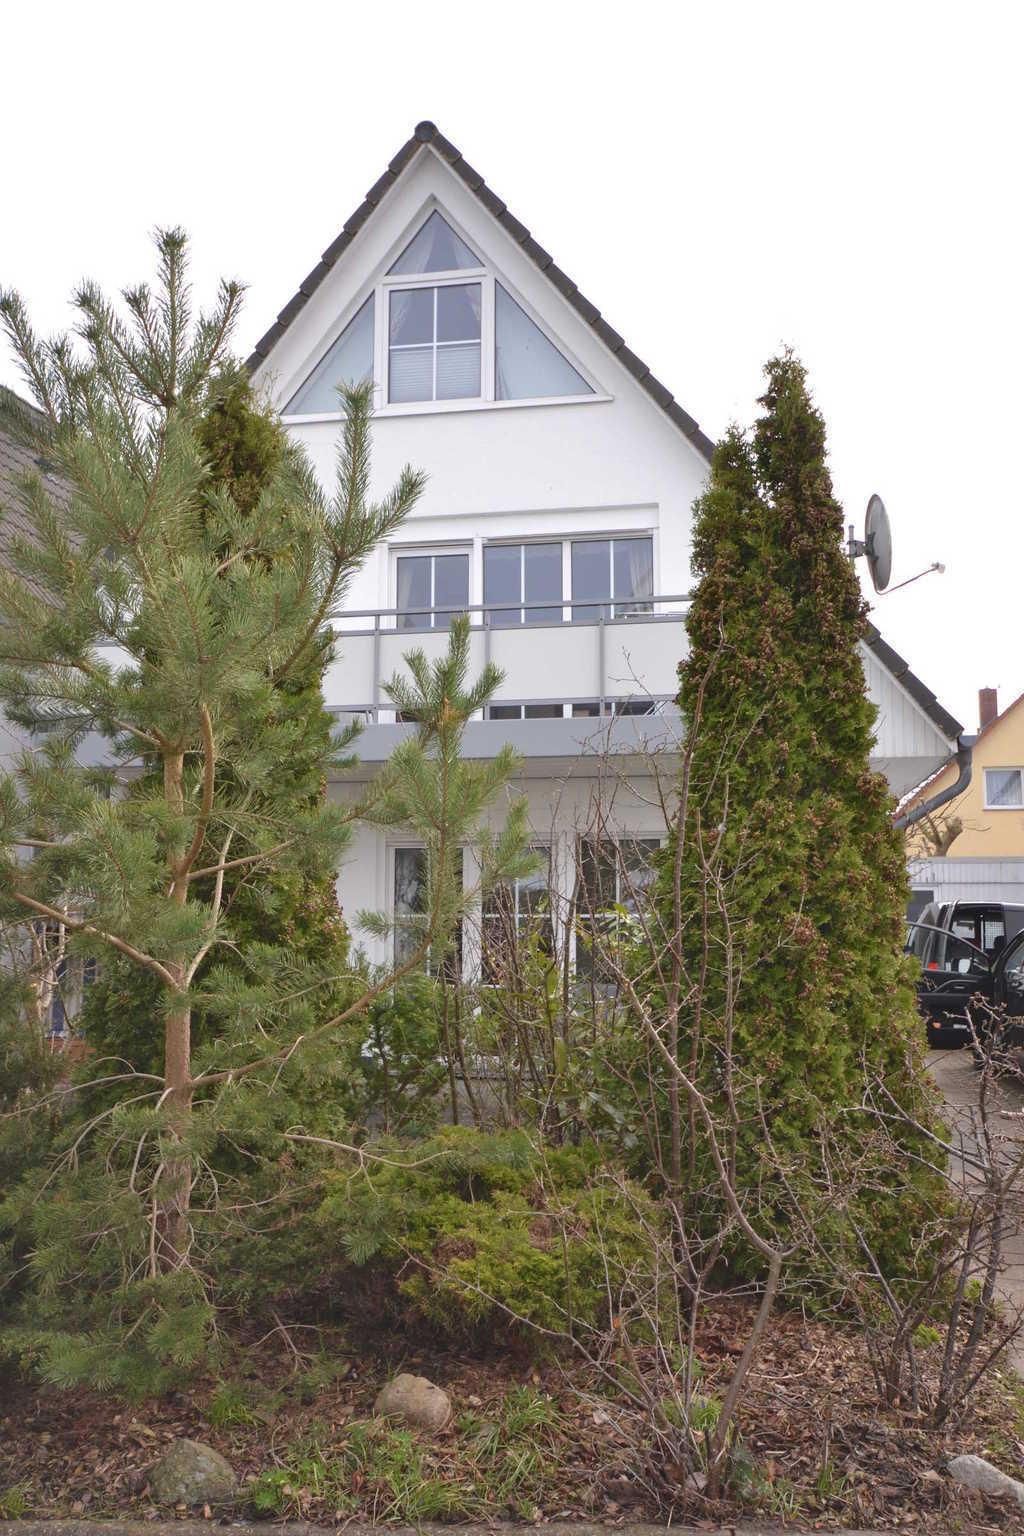 Ferienwohnungen 'Urlaubsnest' in Breege-Juliusruh,